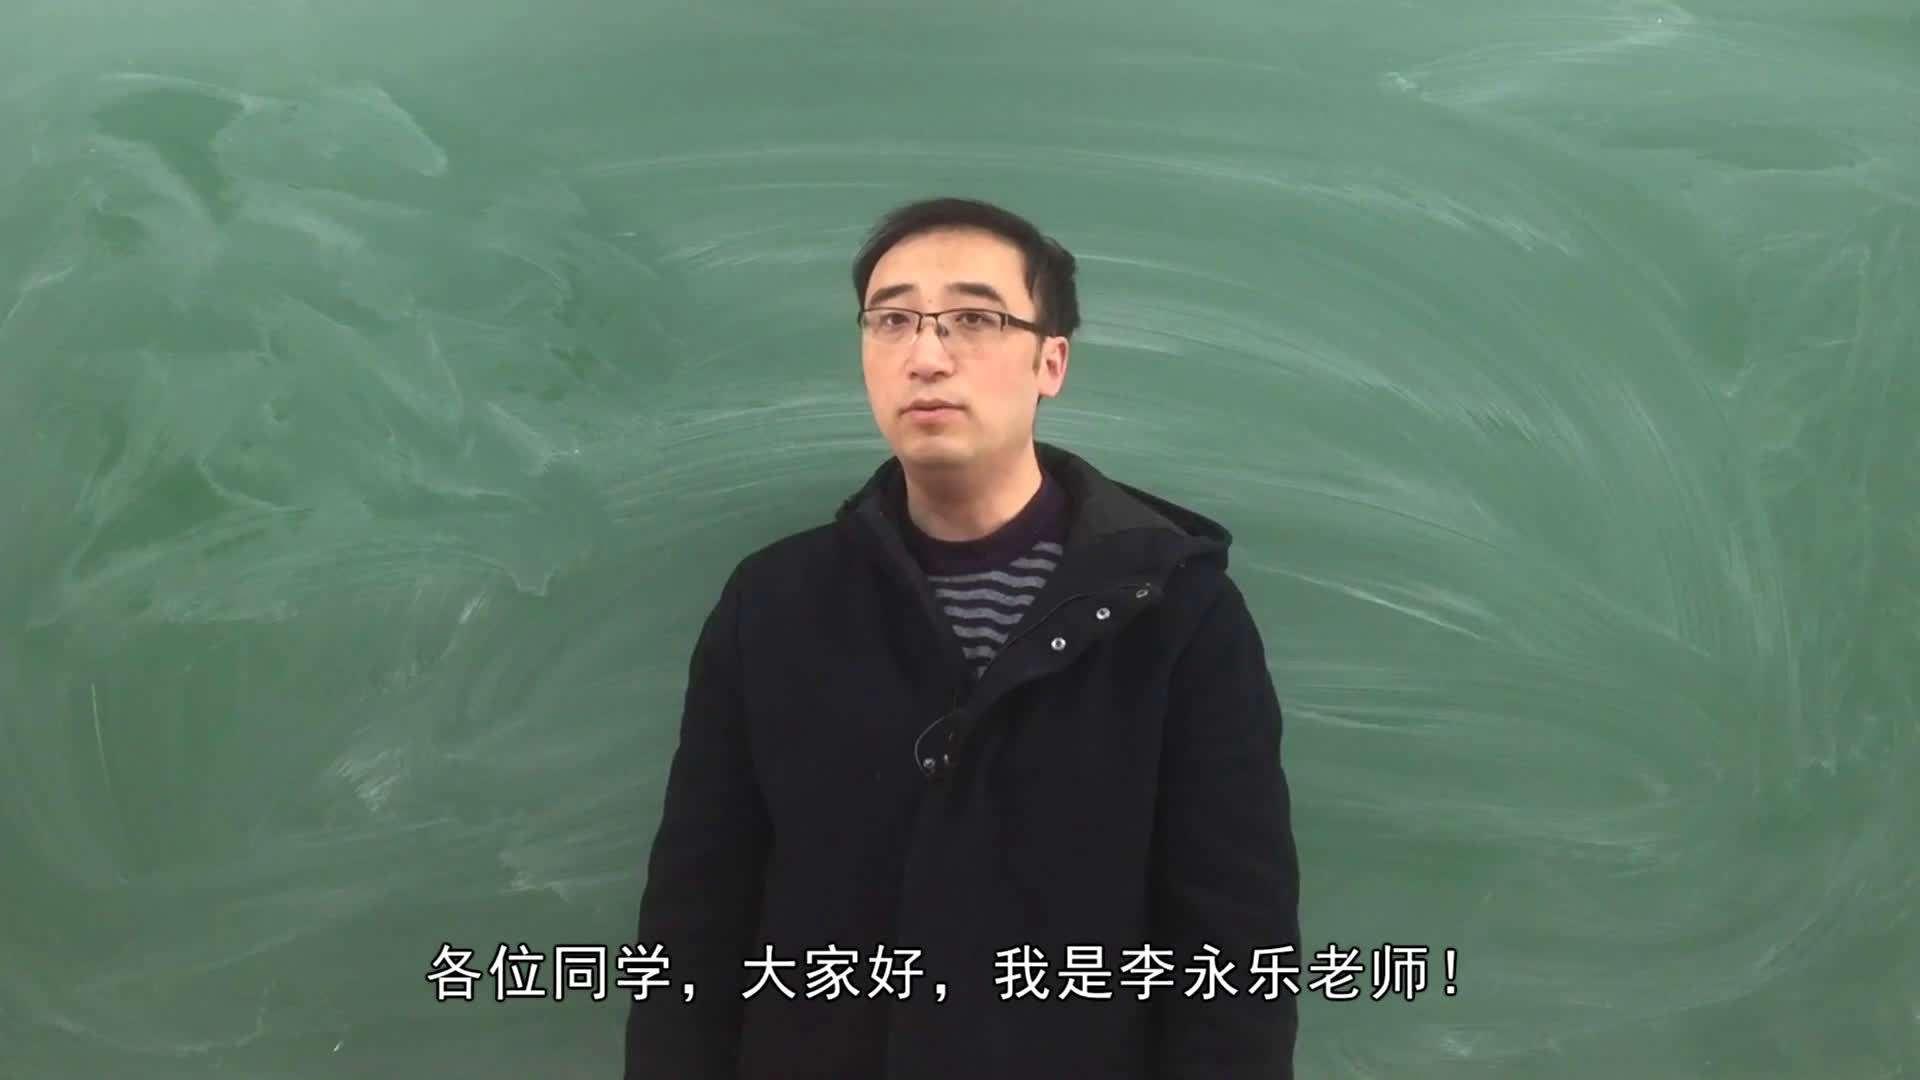 清北硕博士竟去中学当老师?看到福利待遇后,网友直言:太现实了